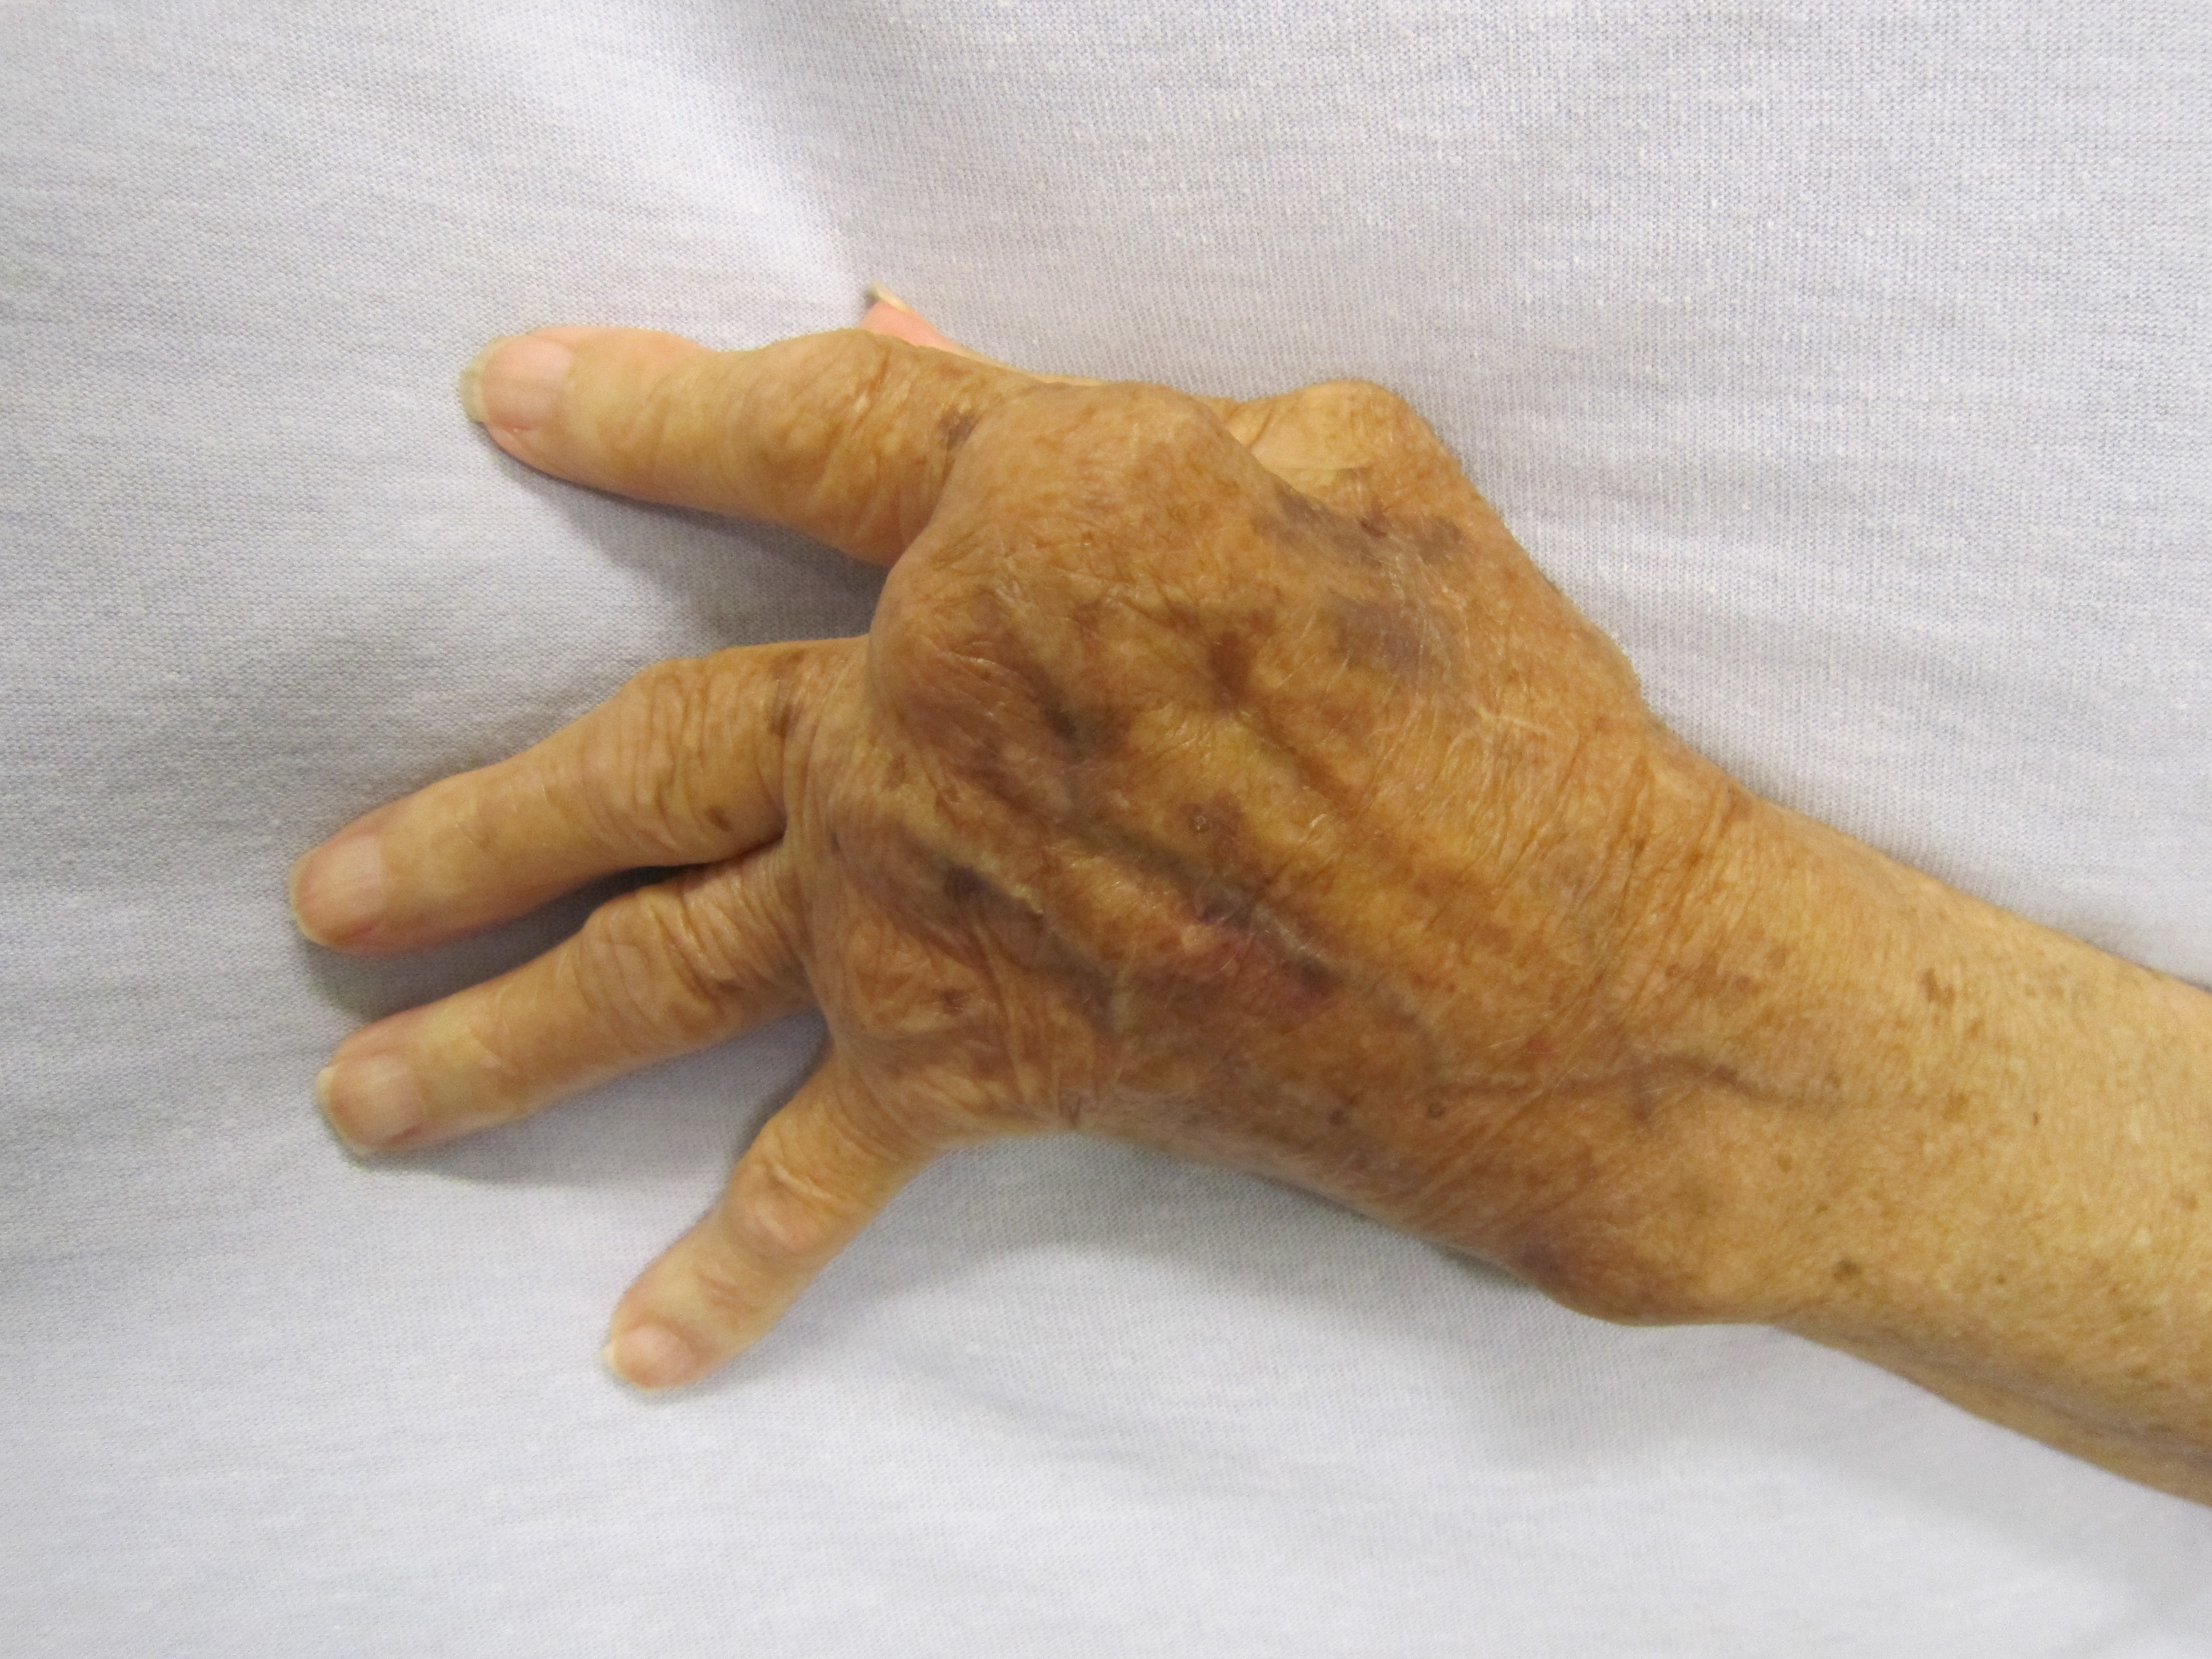 arthritis arthritis kezelés fájdalomcsillapítók ízületi gyulladásokhoz